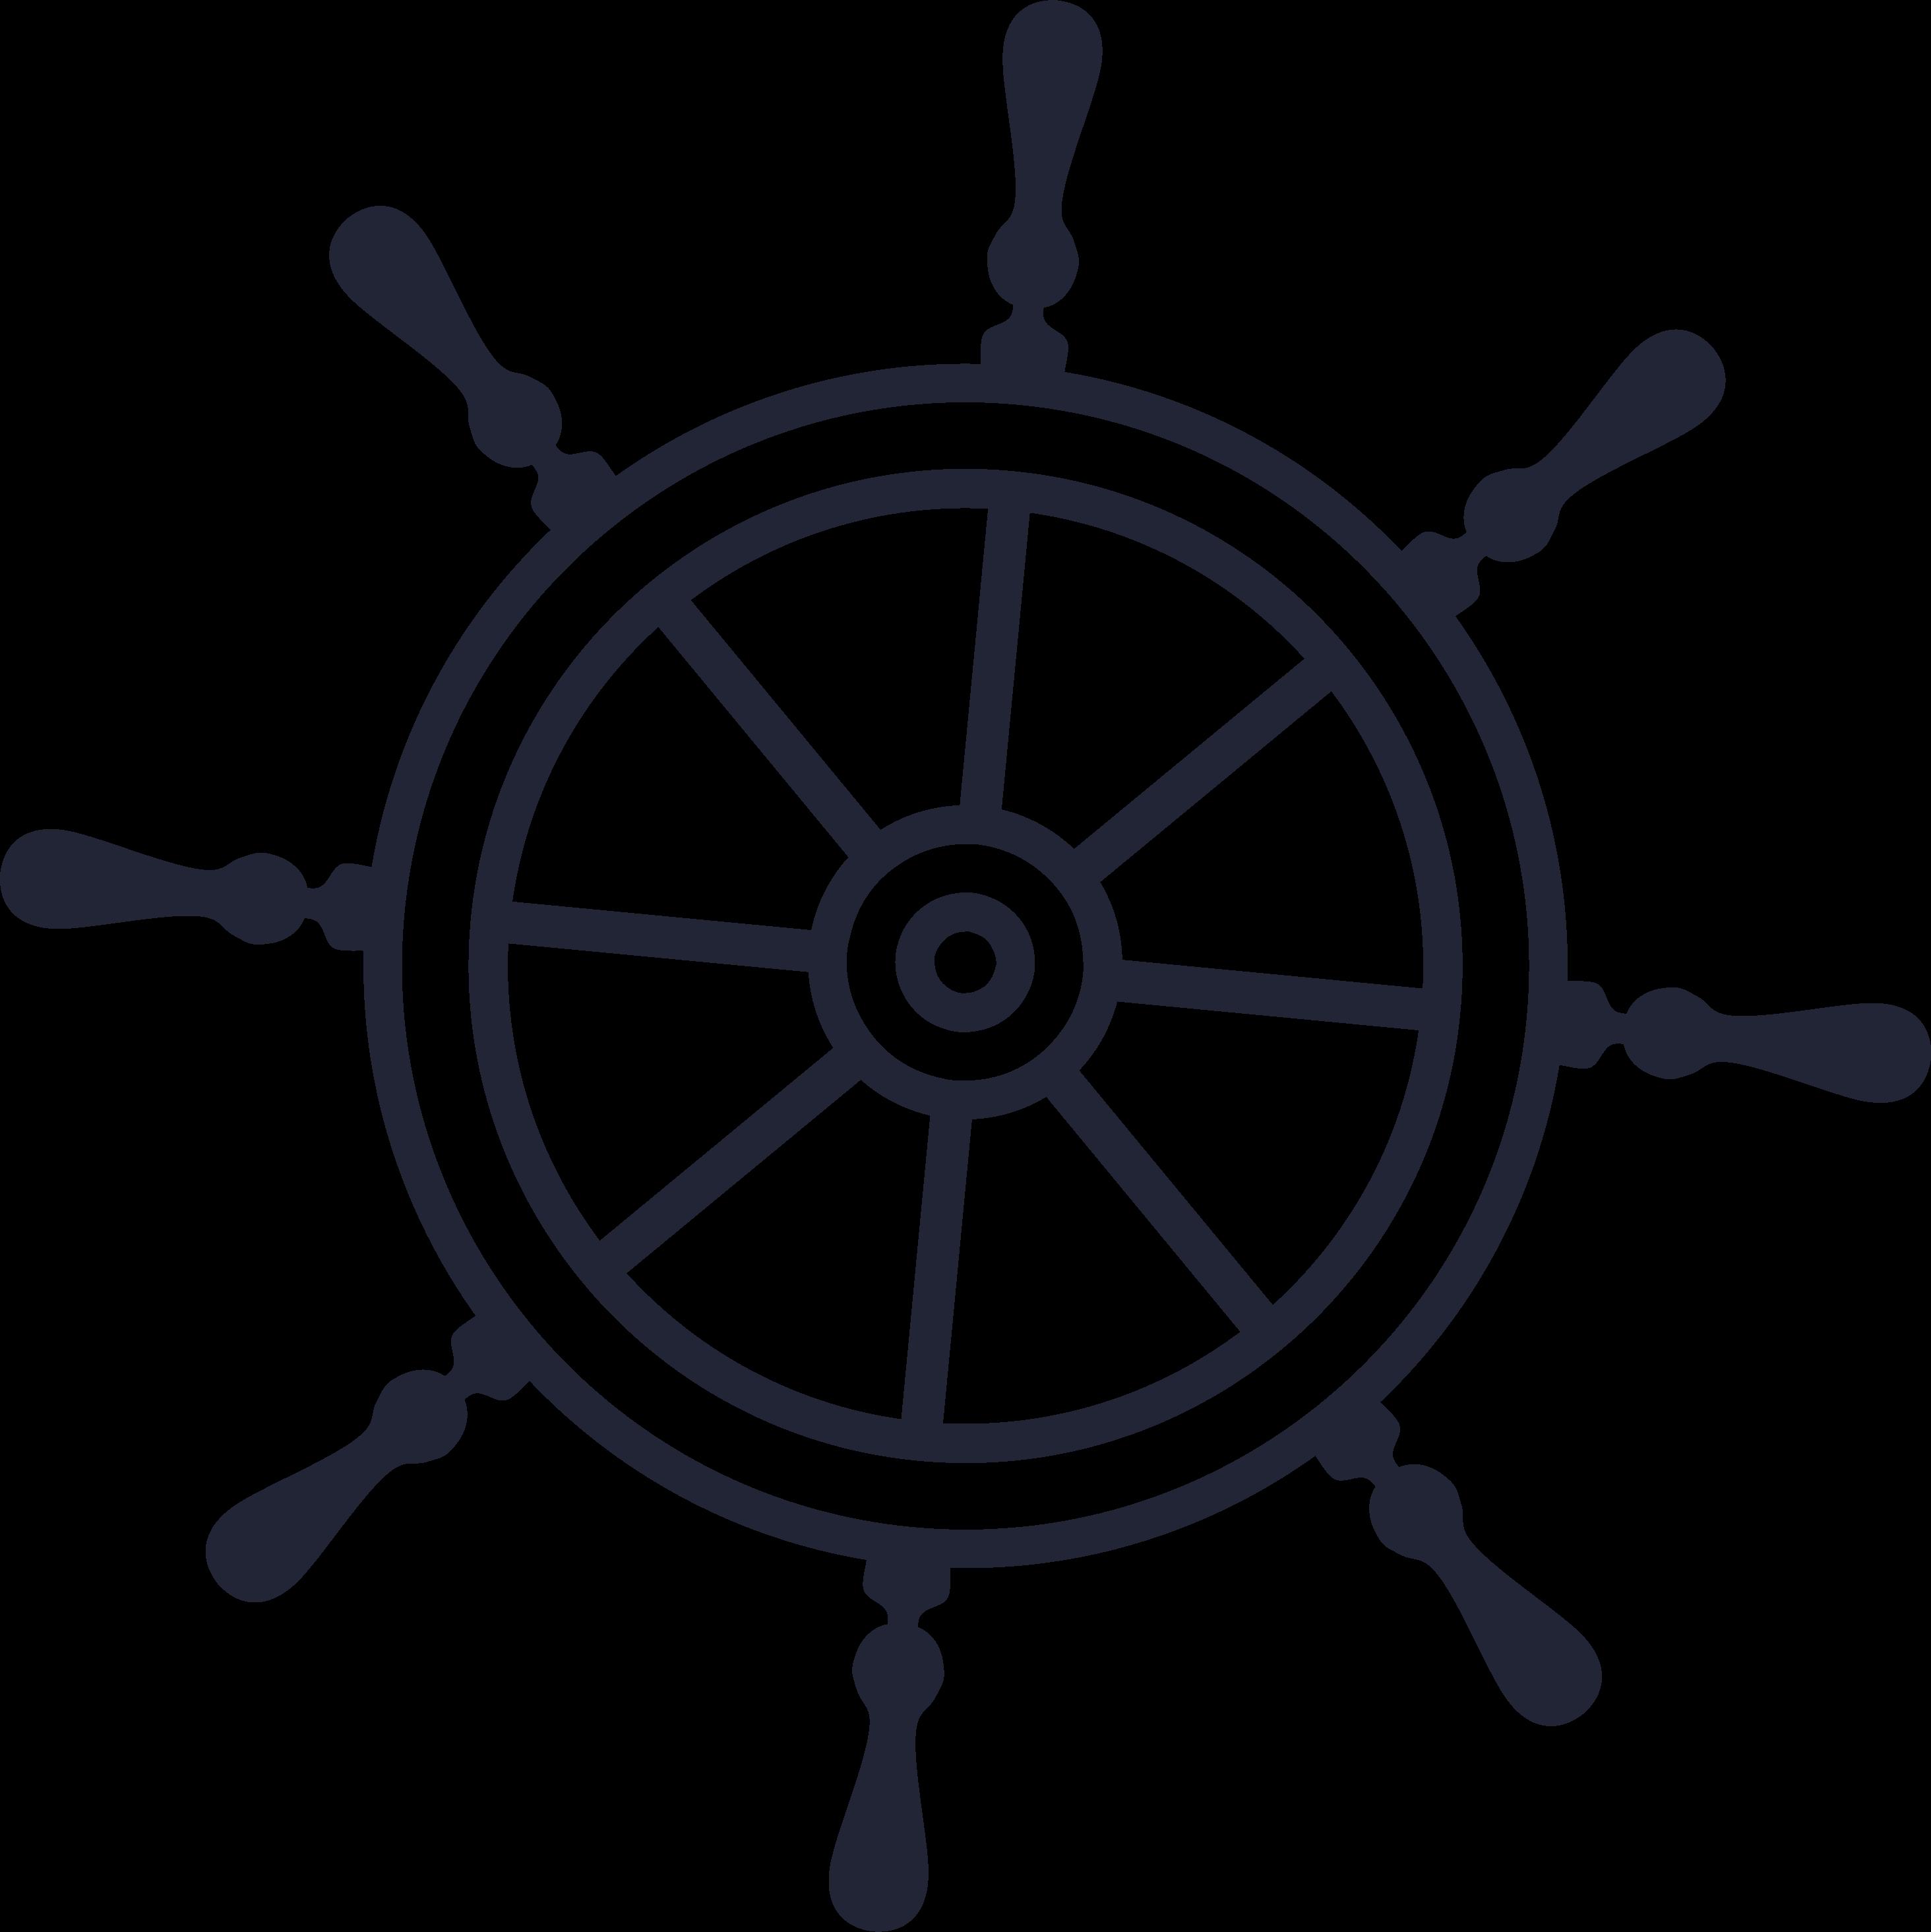 Ship Wheel SVG Cut File